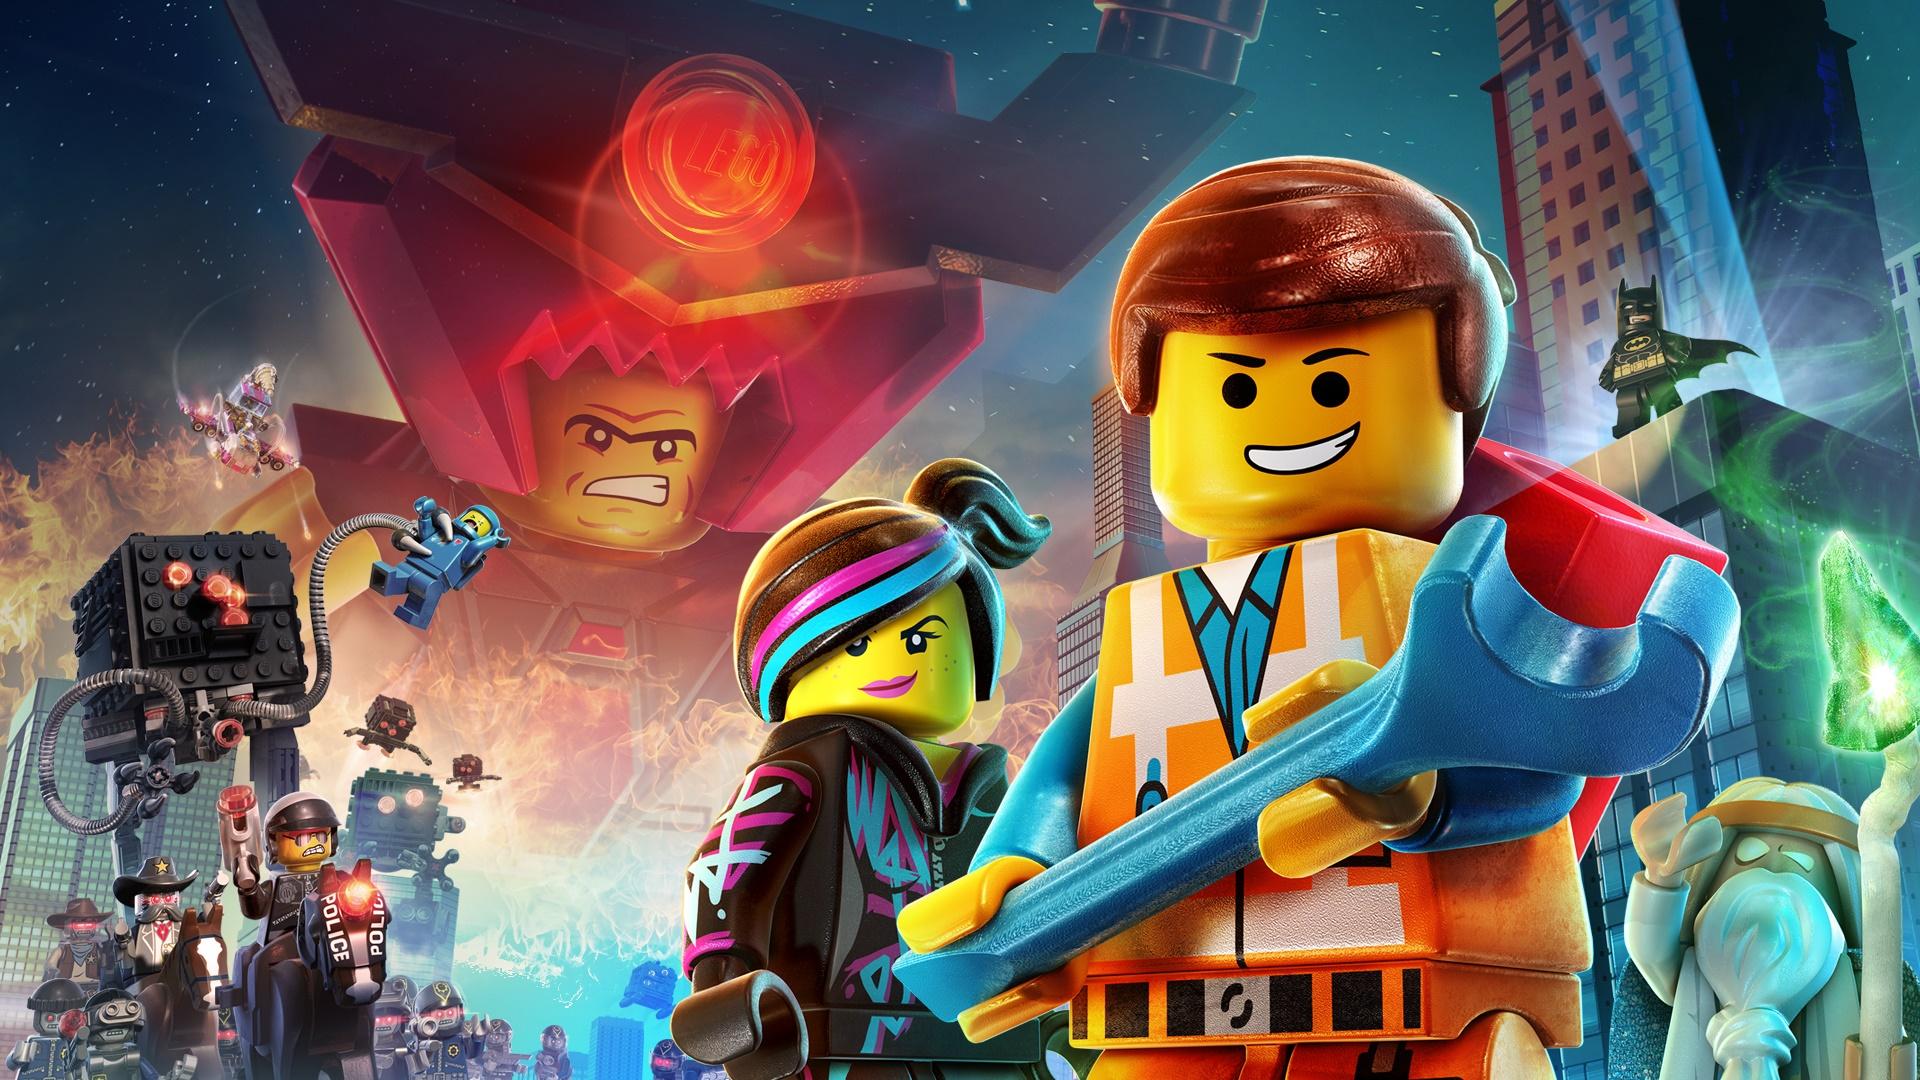 The Lego Movie Videogame Hd Wallpaper Hintergrund 1920x1080 Id